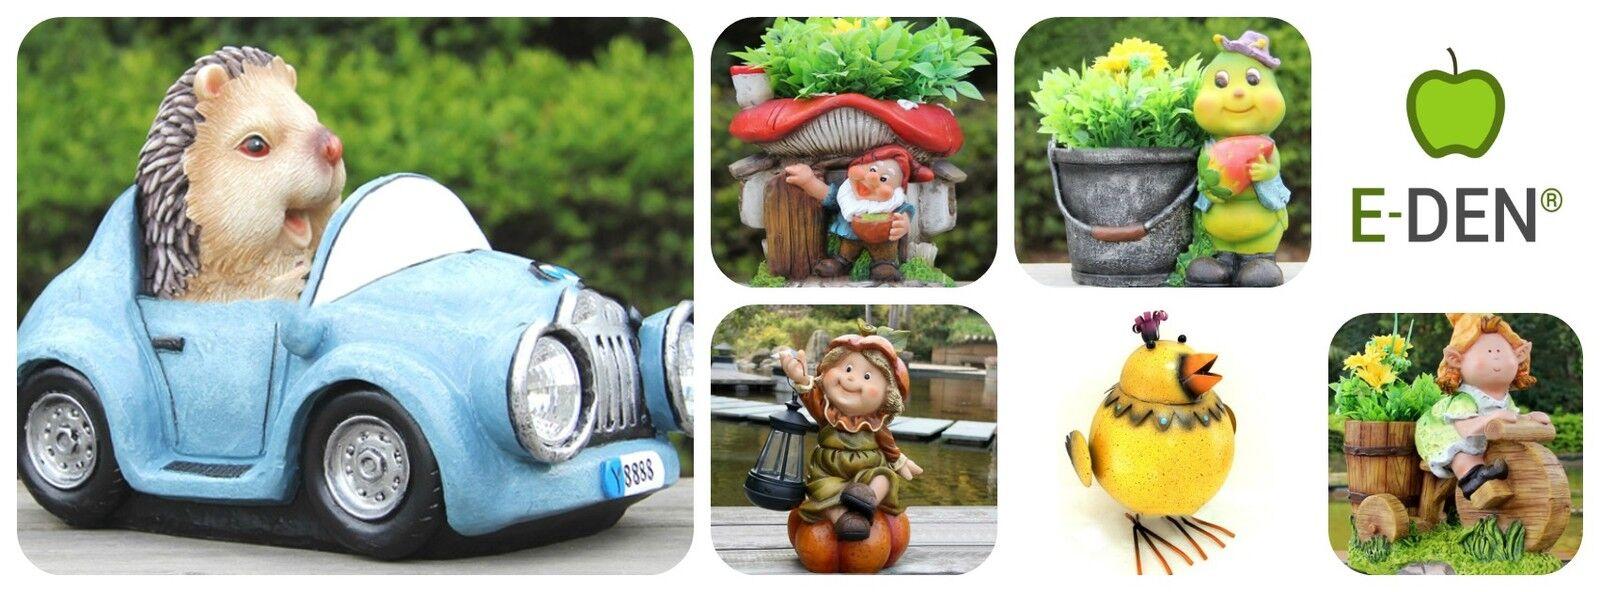 E-Den Garden Ornaments